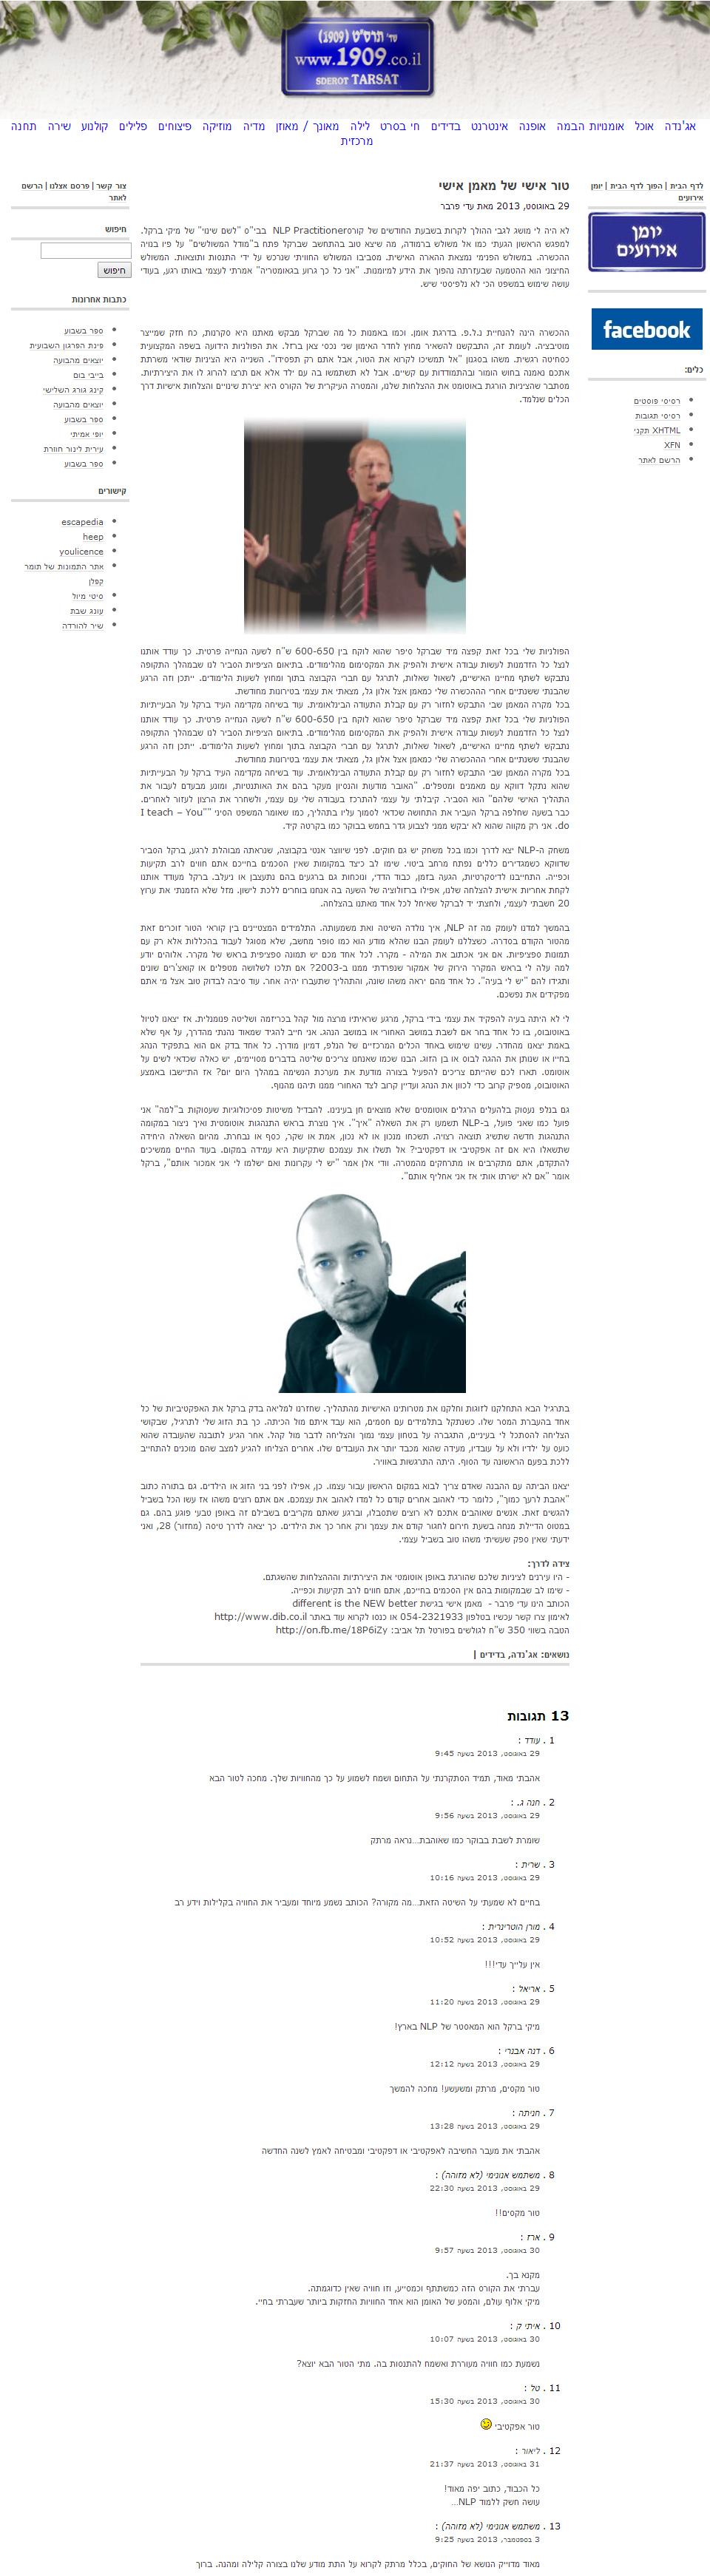 טור אישי של מאמן אישי כפי שפורסם בפורטל תל אביב בתאריך 29 באוגוסט, 2013